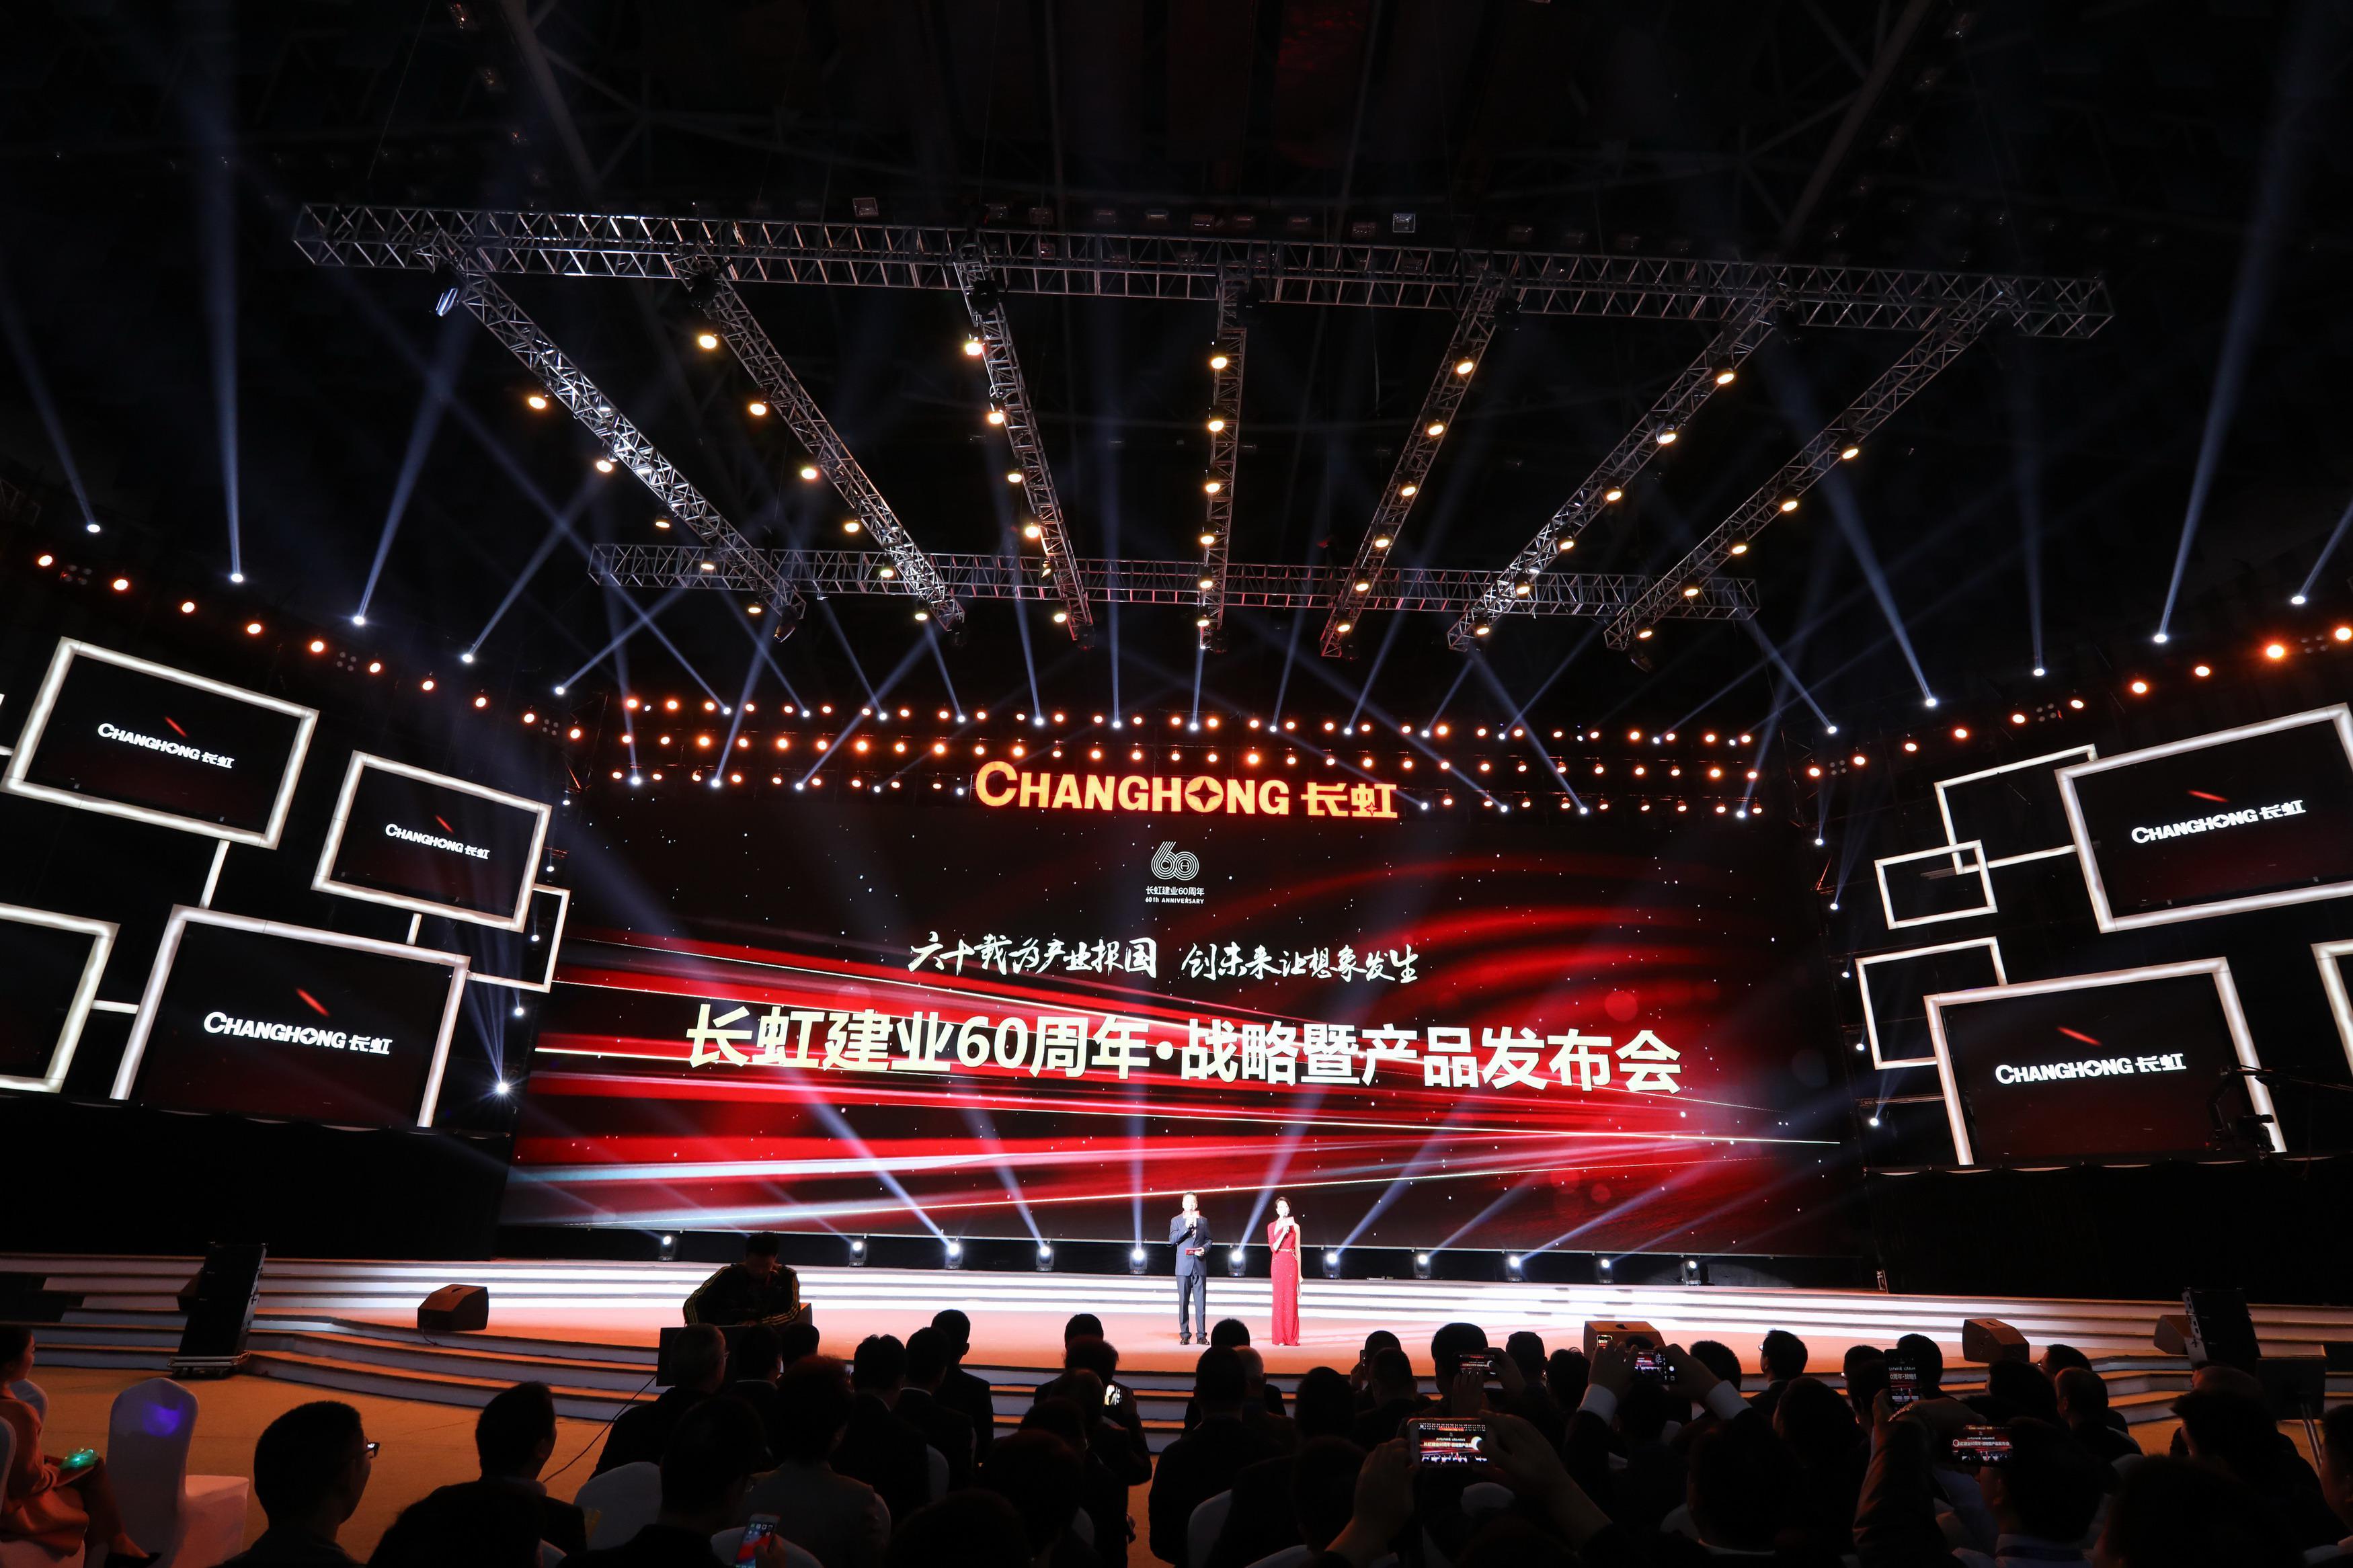 长虹CHiQ电视新品全生态兼容,找到智慧物联新方向